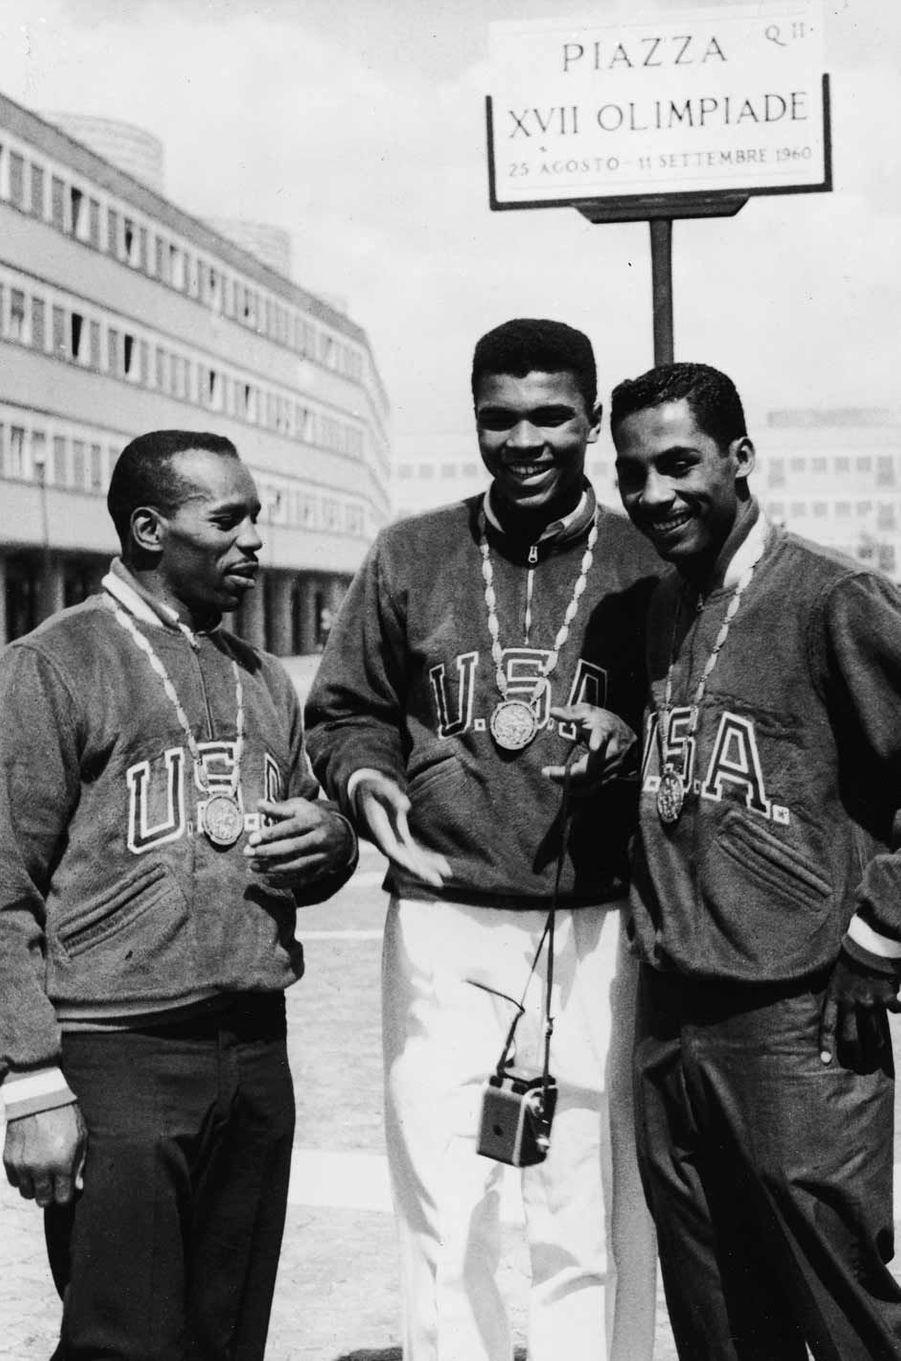 Eddie Crook, Cassius Clay et Skeeter McClure, les trois médaillée d'or américains, le 9 Septembre 1960